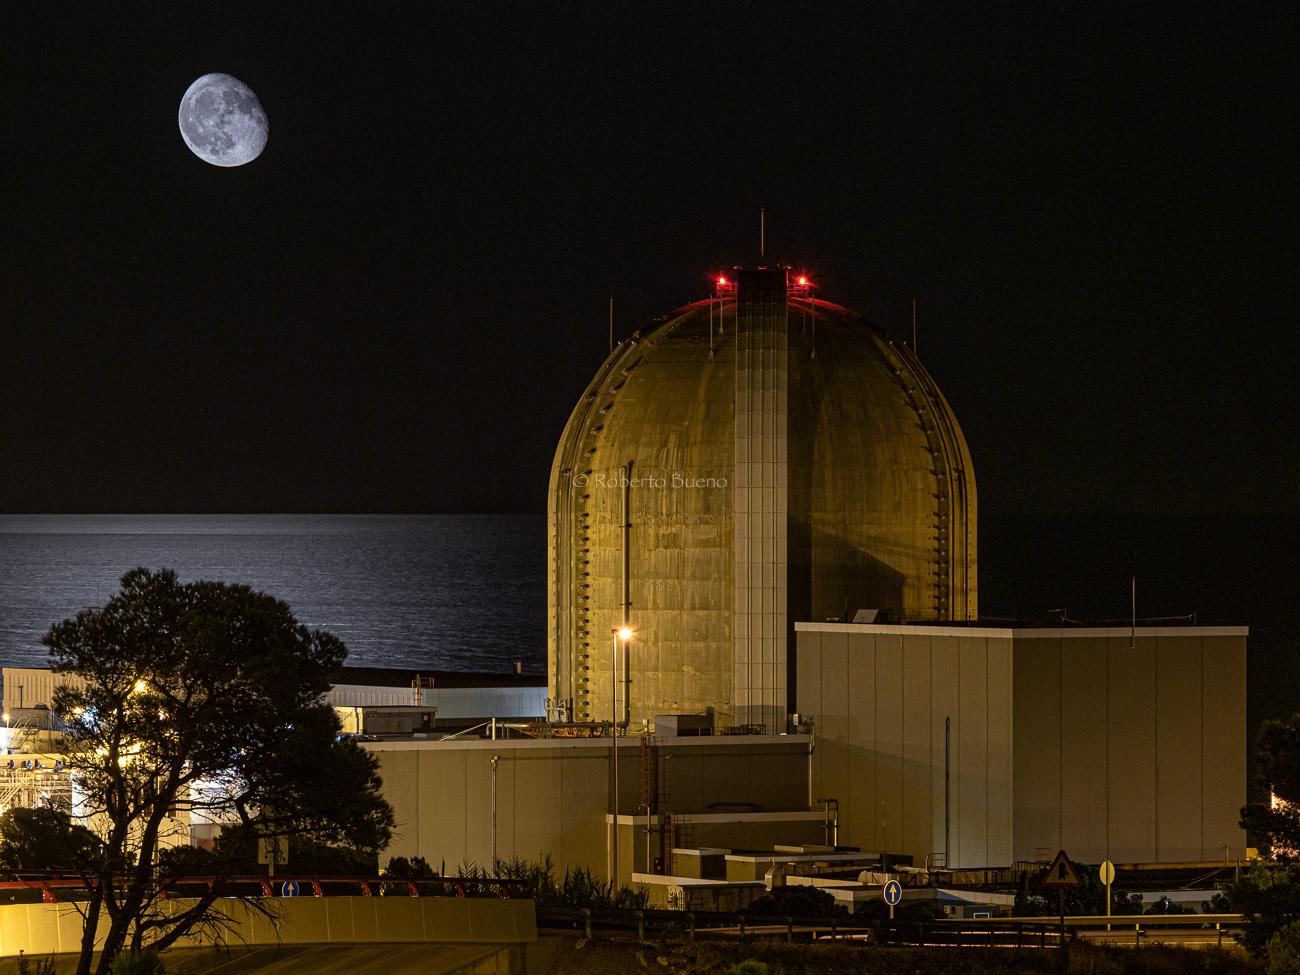 Central Nuclear de Vandellòs II y luna sobre el Mar Mediterráneo - Energía Nuclear - Roberto Bueno. Energía Nuclear y Centrales Nucleares